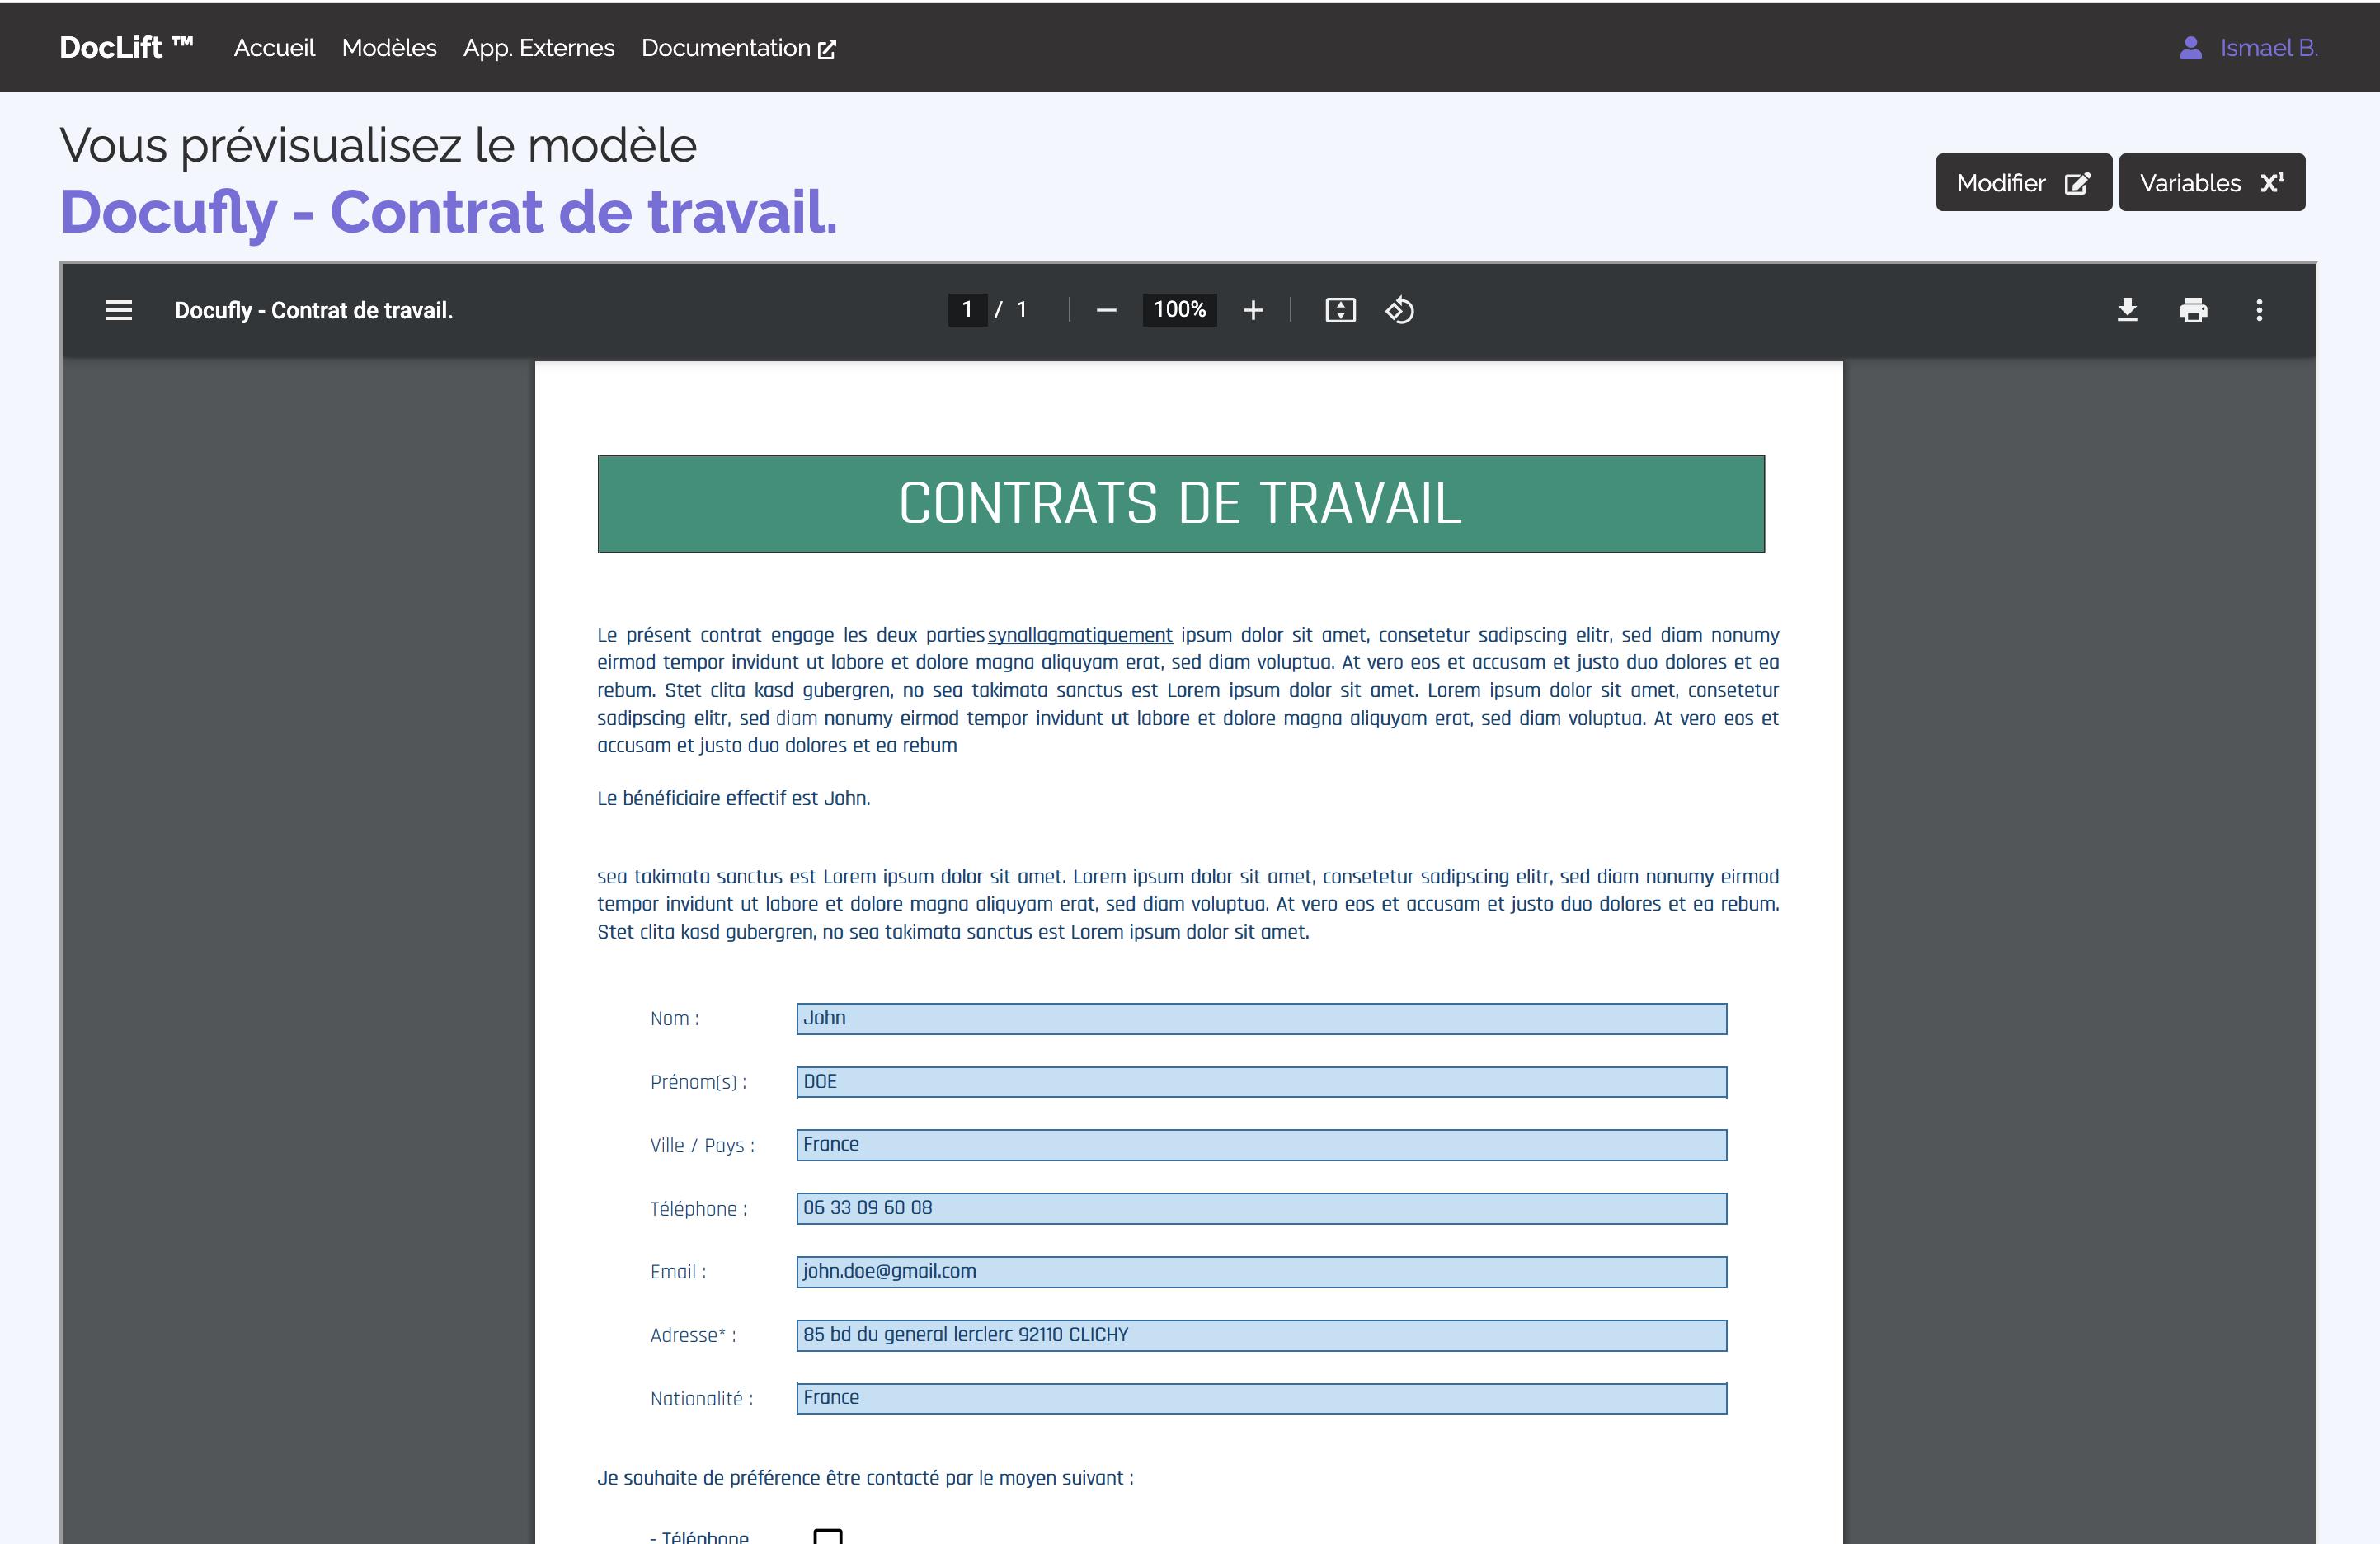 Prévisualisation du rendu d'un modèle de PDF sur Doclift